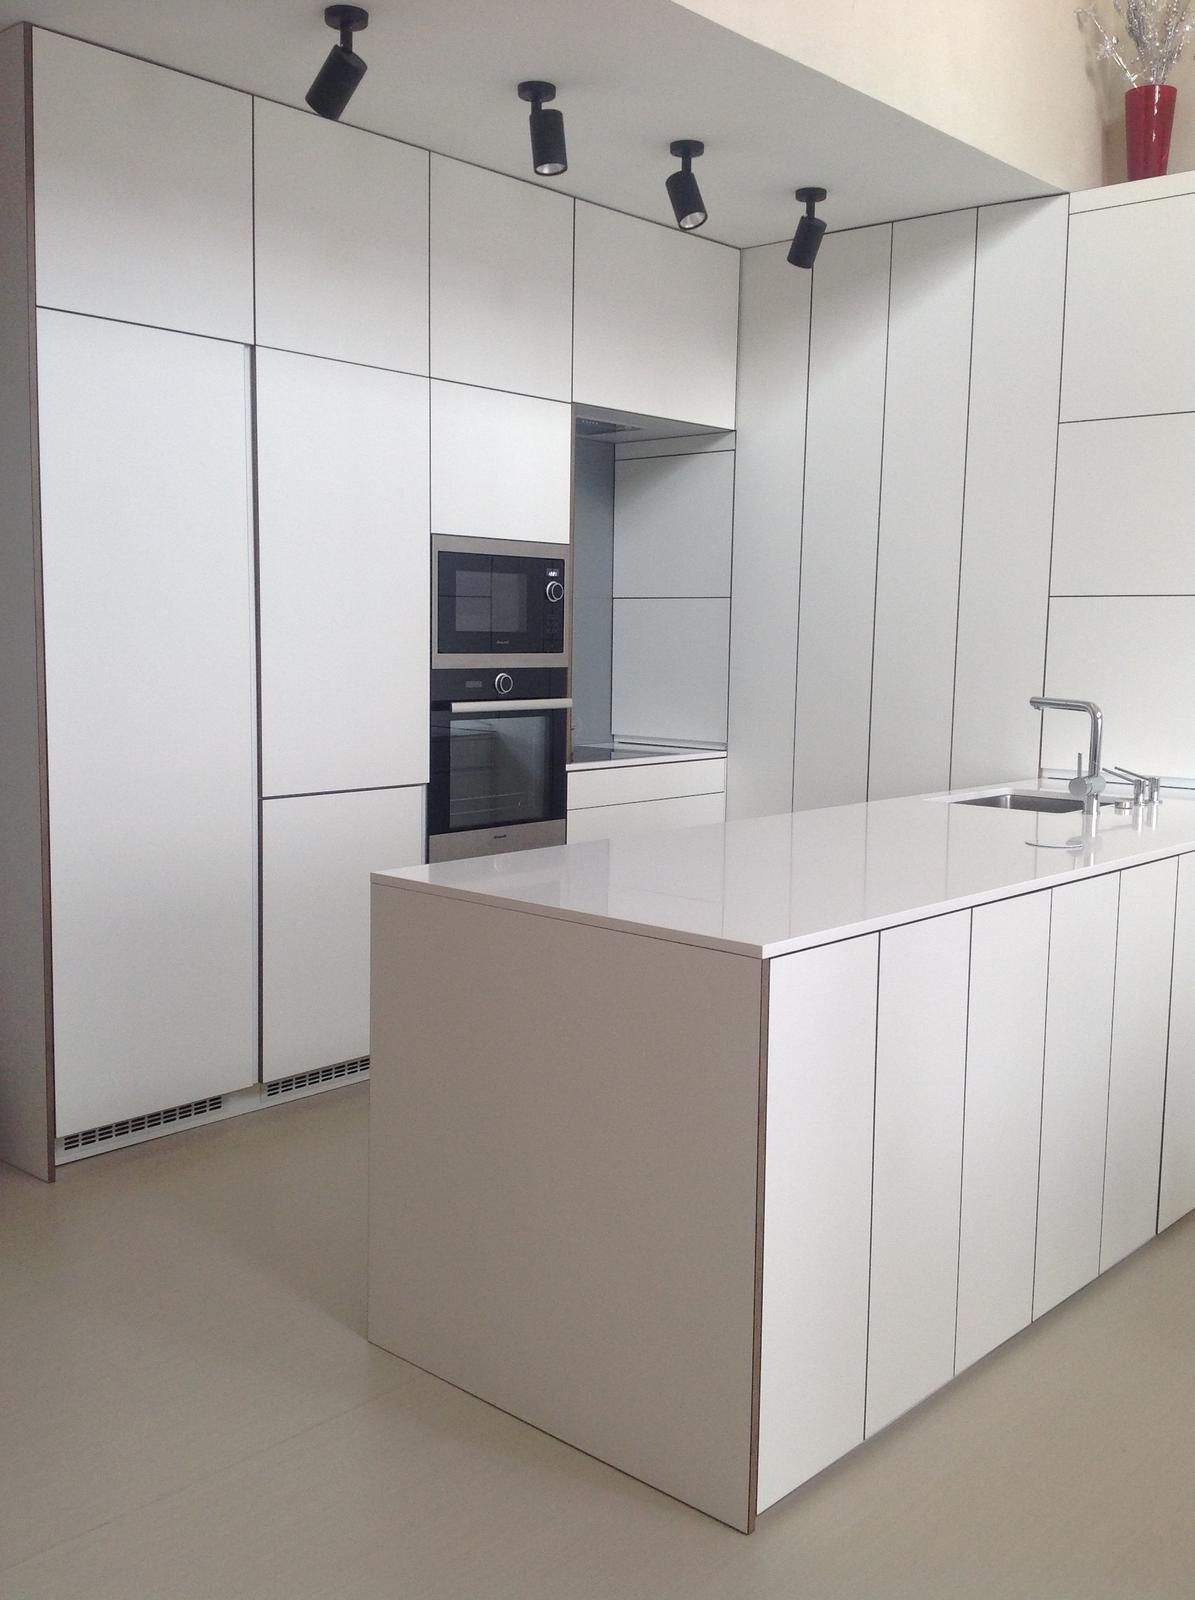 Kuchyna + detail hranovacky - Obrázok č. 1